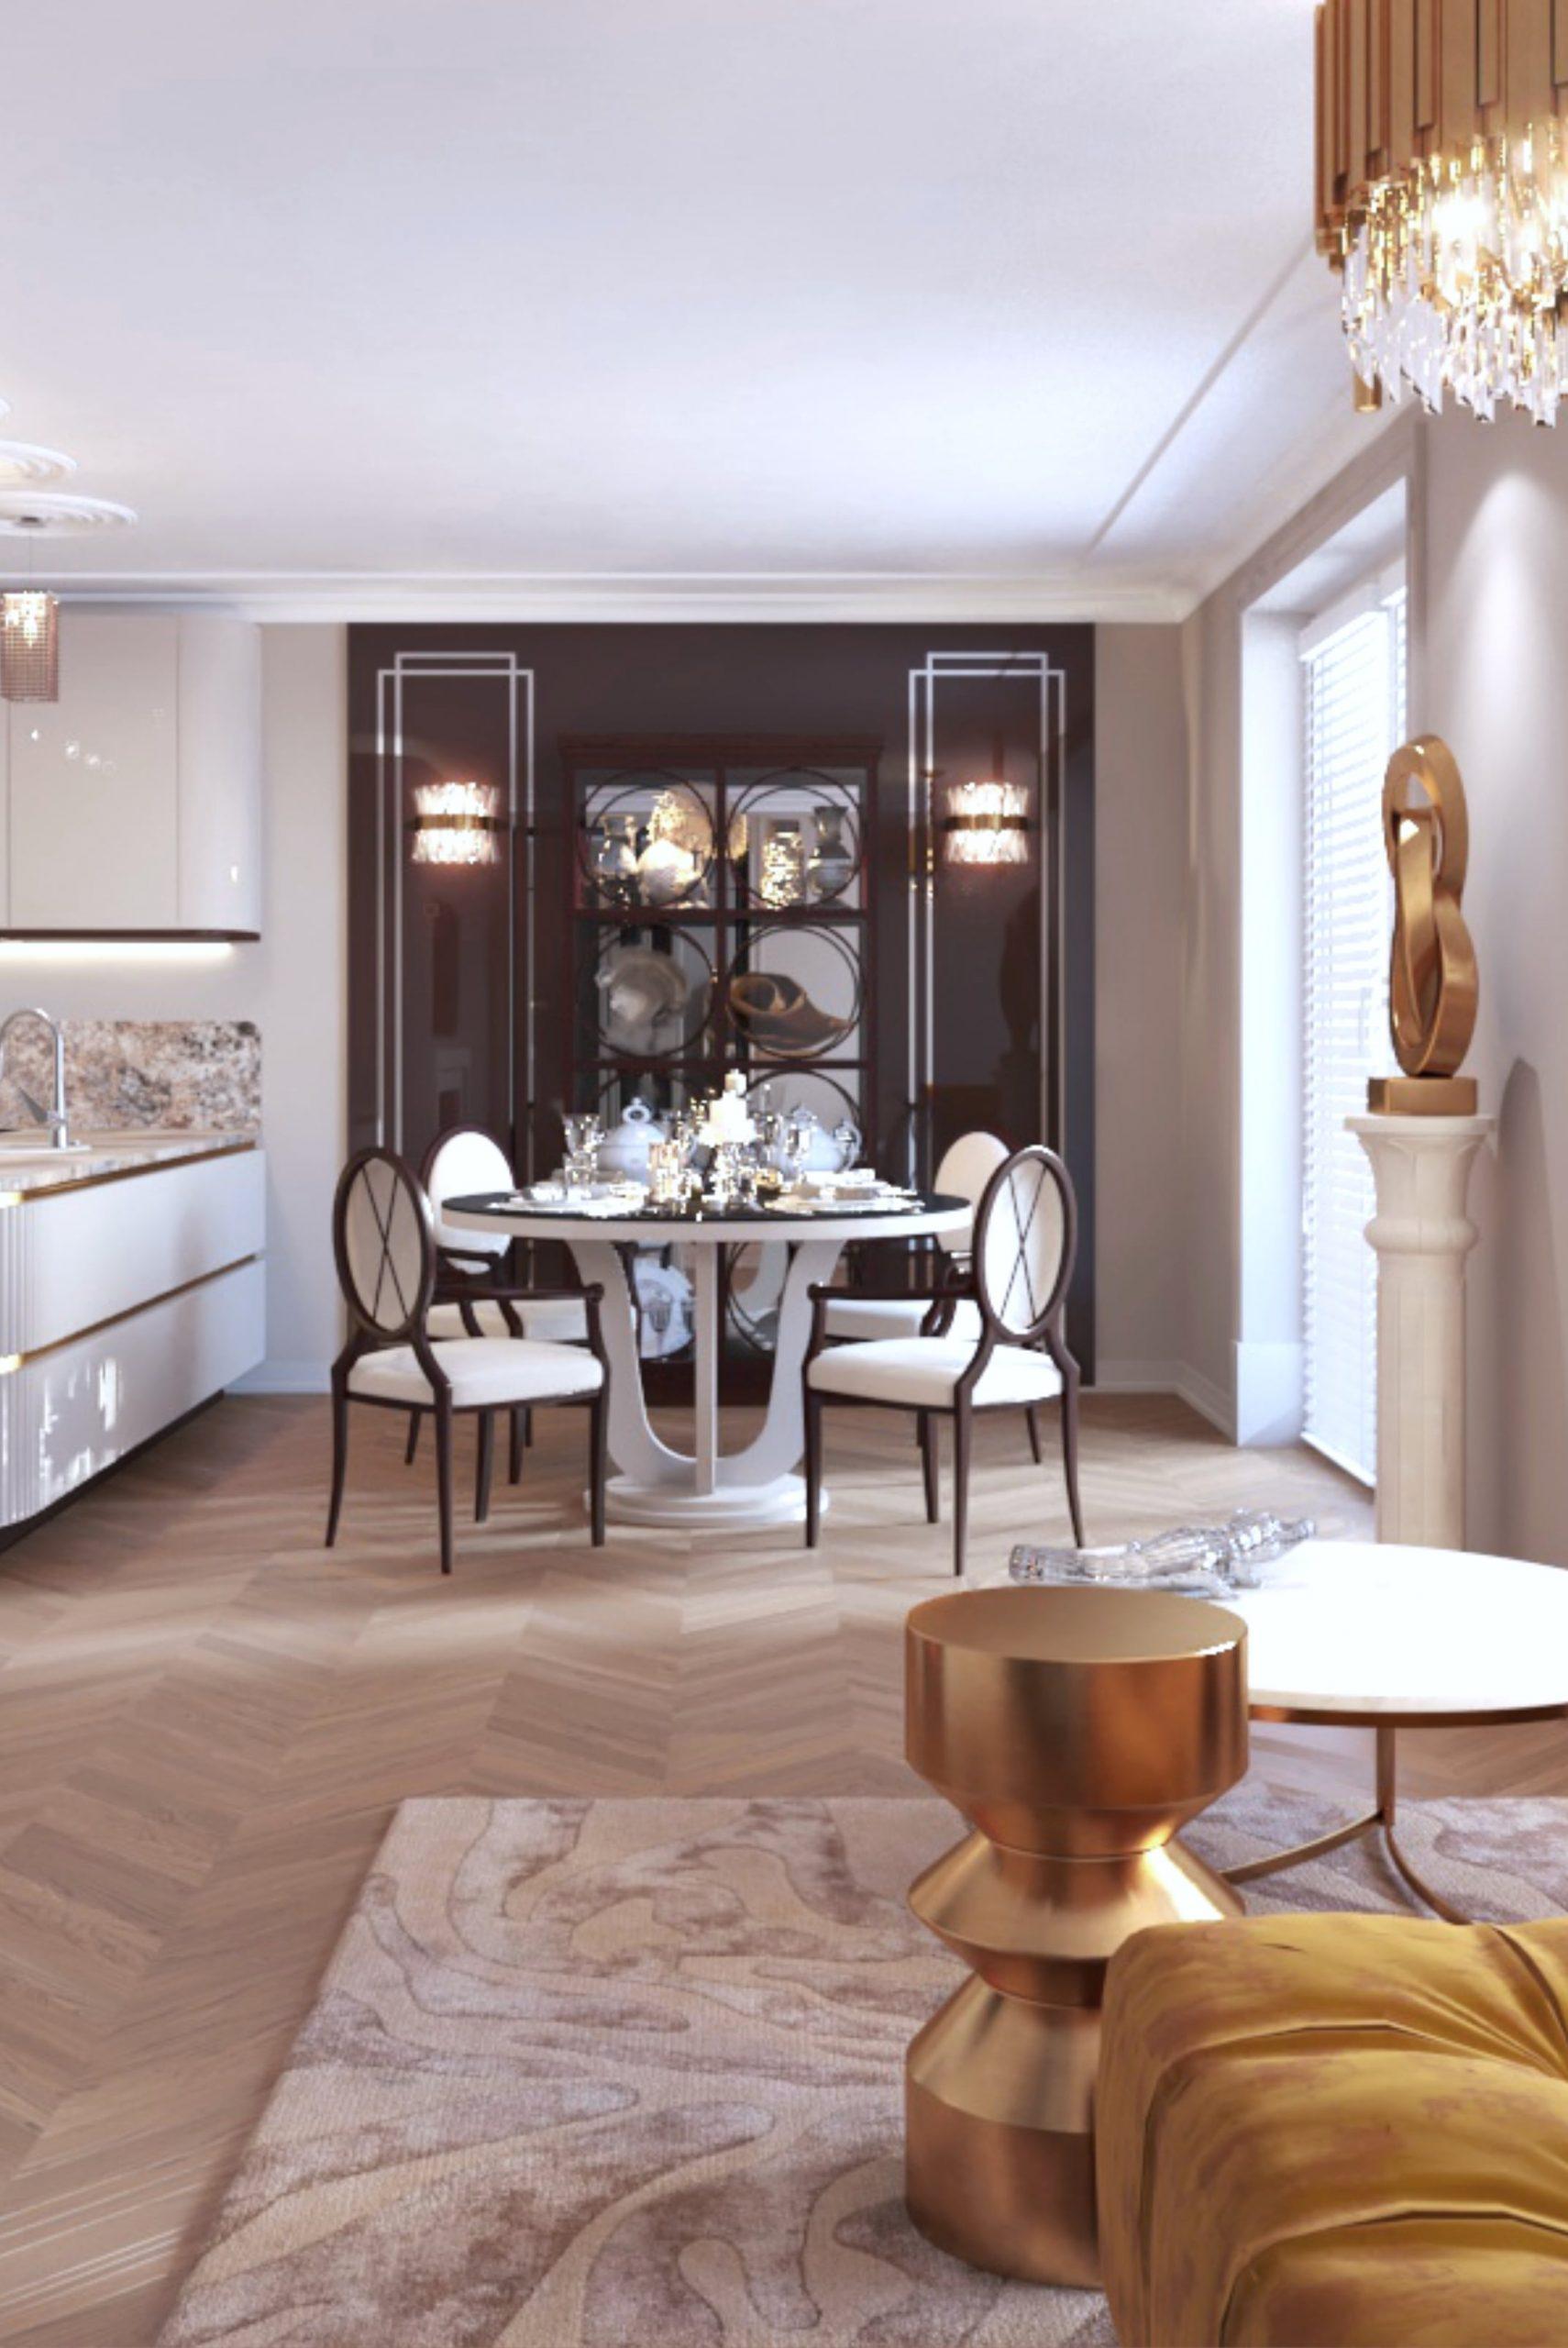 Aranżacja stylowego salonu - Projekt wykonany przez architekta wnętrz z Krakowa